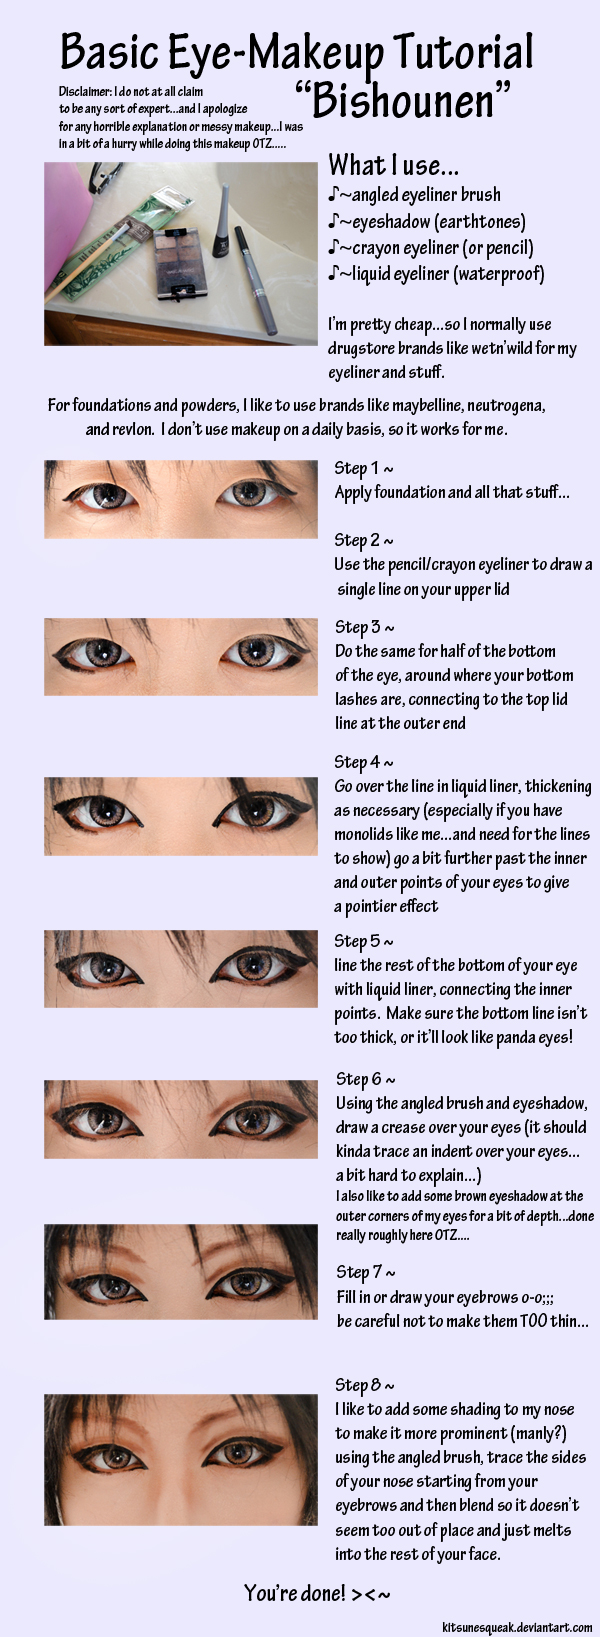 Eye-makeup Tutorial - Pretty Boy by kitsunesqueak